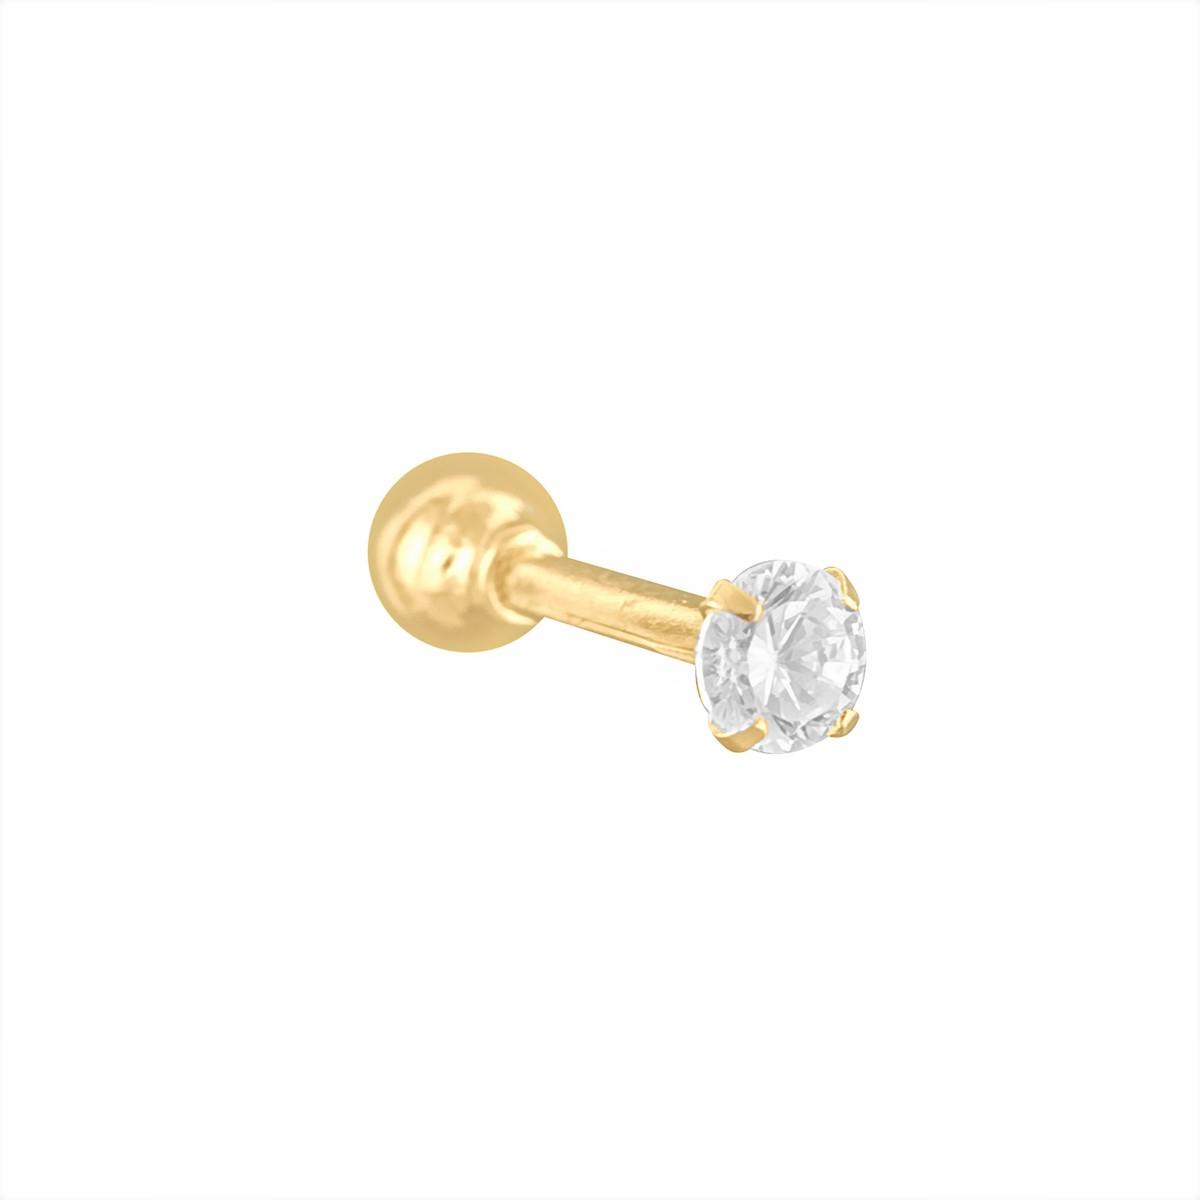 Piercing Tragus Em Ouro 18k Com Zircônia Cartilagem Hélix